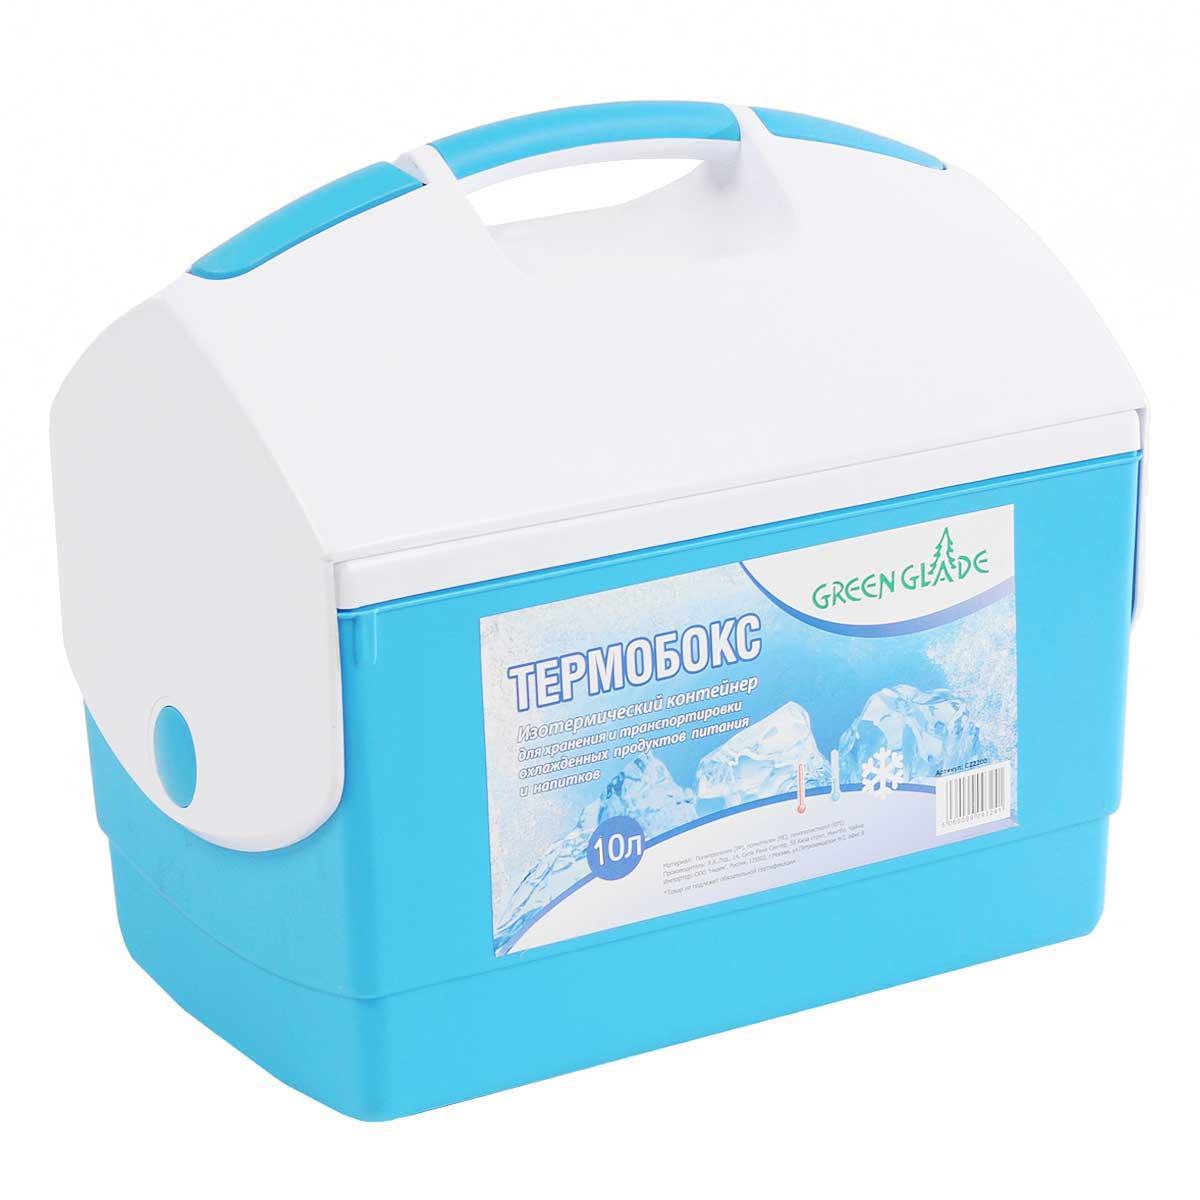 Контейнер изотермический Green Glade, цвет: голубой, 10 л. С2210019201Легкий и прочный изотермический контейнер Green Glade предназначен для сохранения определенной температуры продуктов во время длительных поездок. Корпус и крышка контейнера изготовлены из высококачественного пластика. Между двойными стенками находится термоизоляционный слой, который обеспечивает сохранение температуры. На ручке имеется специальная кнопка, которая блокирует крышку и препятствует случайному открытию контейнера.При использовании аккумулятора холода контейнер обеспечивает сохранение продуктов холодными до 12 часов. Контейнер идеально подходит для отдыха на природе, пикников, туристических походов и путешествий.Контейнеры Green Glade можно использовать не только для сохранения холодных продуктов, но и для транспортировки горячих блюд. В этом случае аккумуляторы нагреваются в горячей воде (температура около 80°С) и превращаются в аккумуляторы тепла. Подготовленные блюда перед транспортировкой подогреваются и укладываются в контейнер. Объем контейнера: 10 л.Размер контейнера: 33 см х 31 см х23 см.